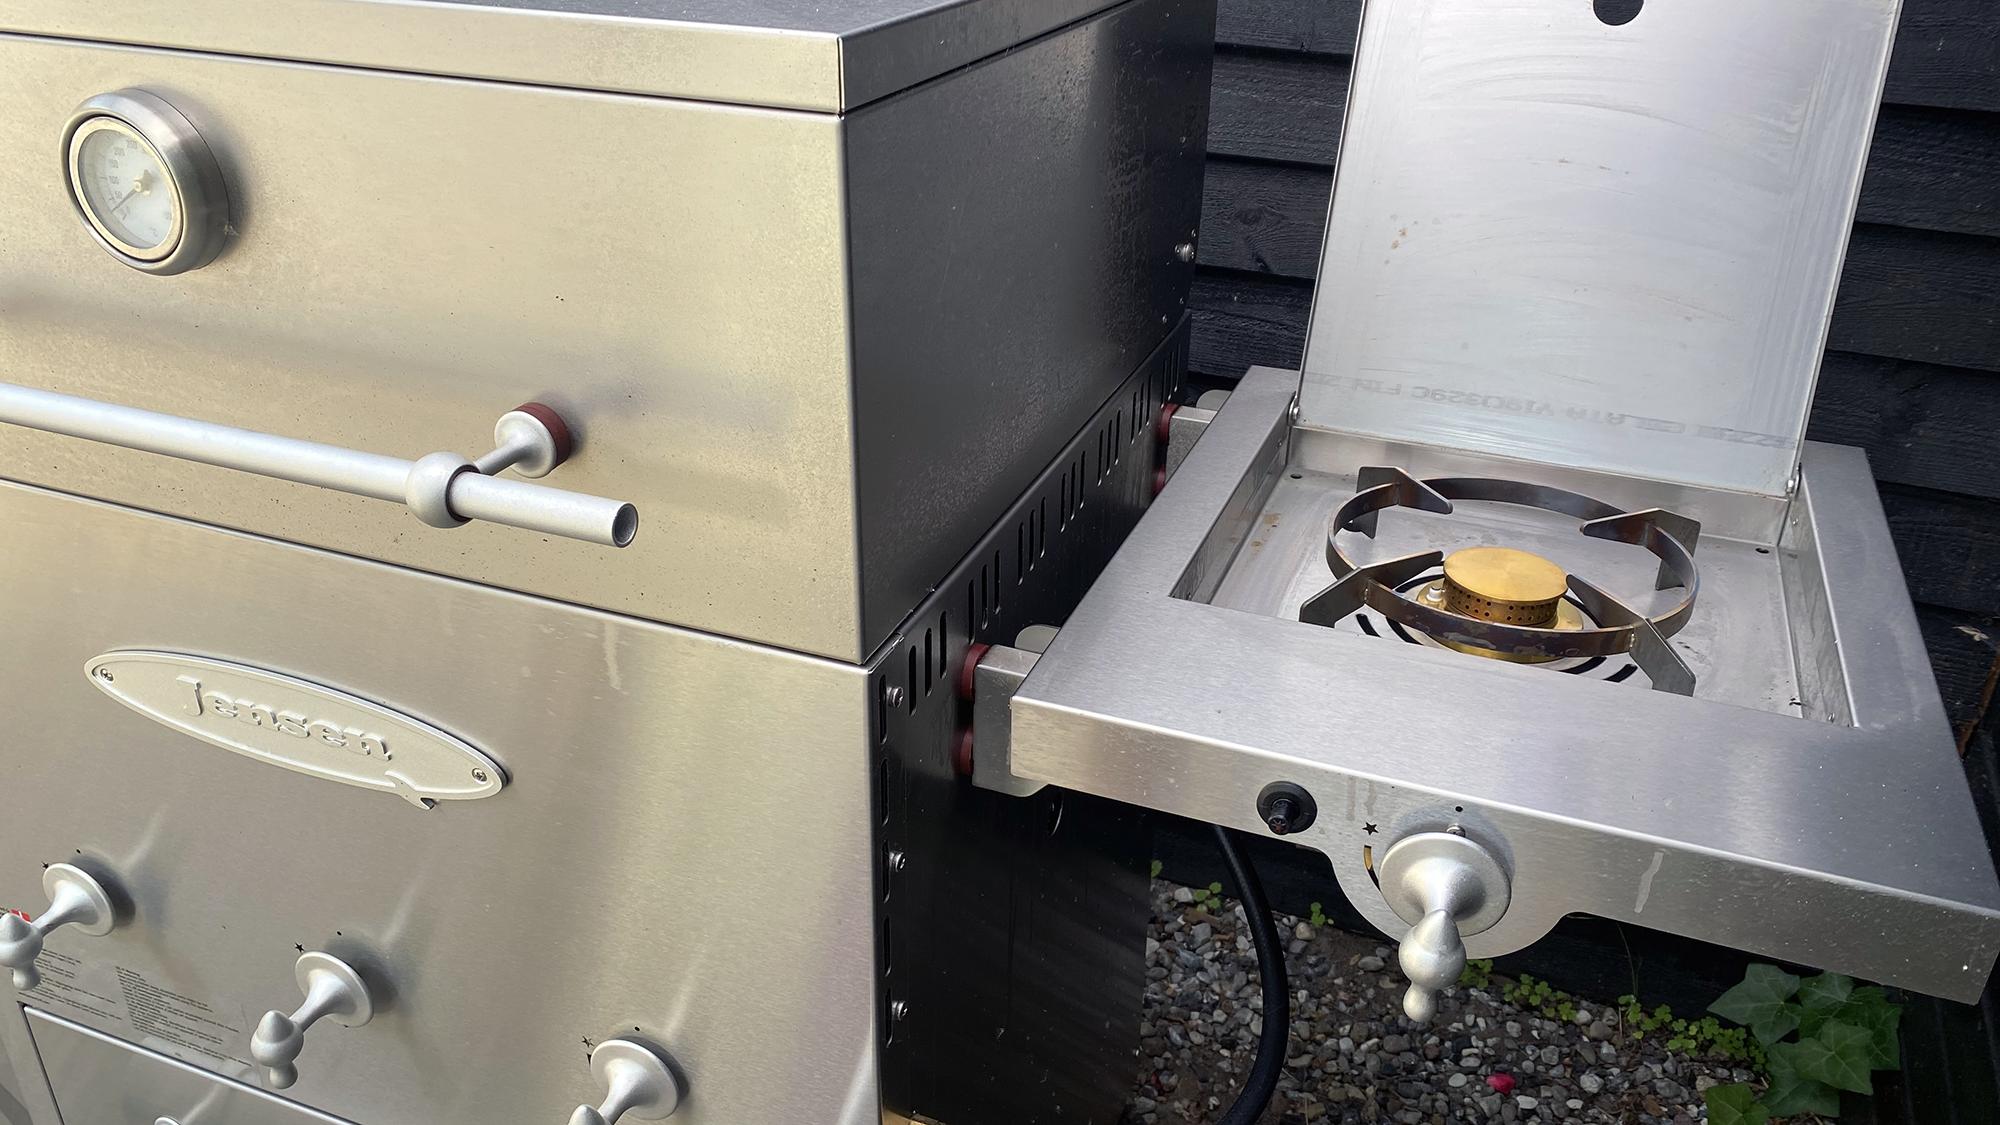 Brug din sidebrænder (side burner) på din JensenGrill